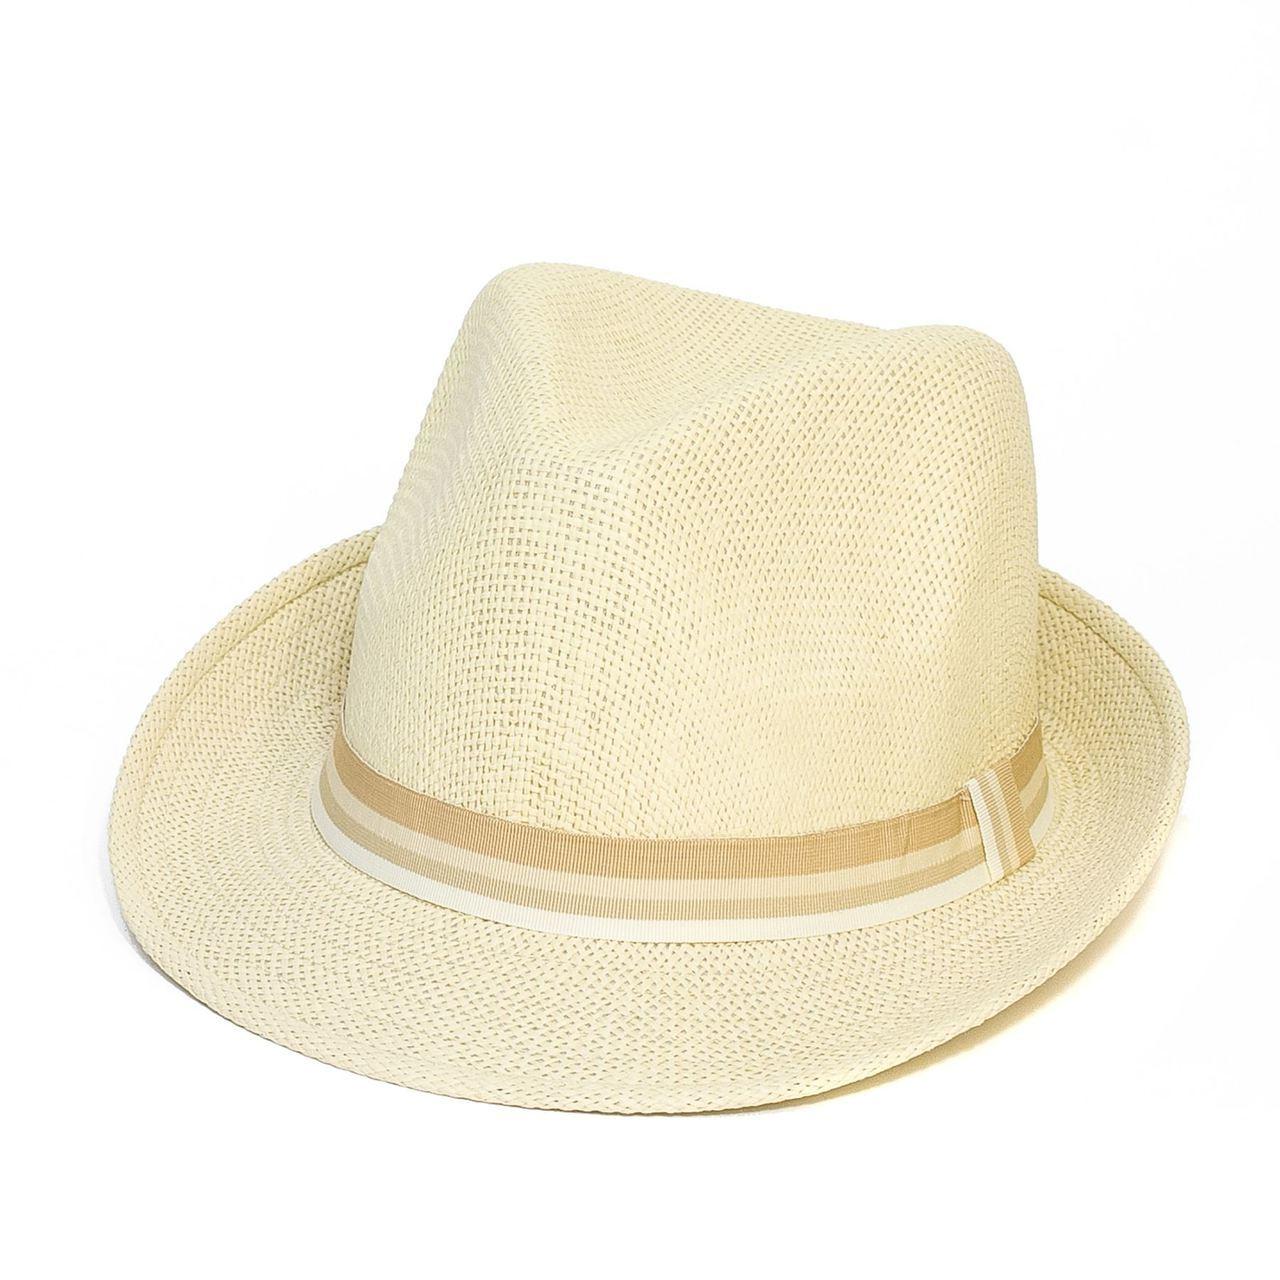 Letní klobouk barva béžová Assante 161241